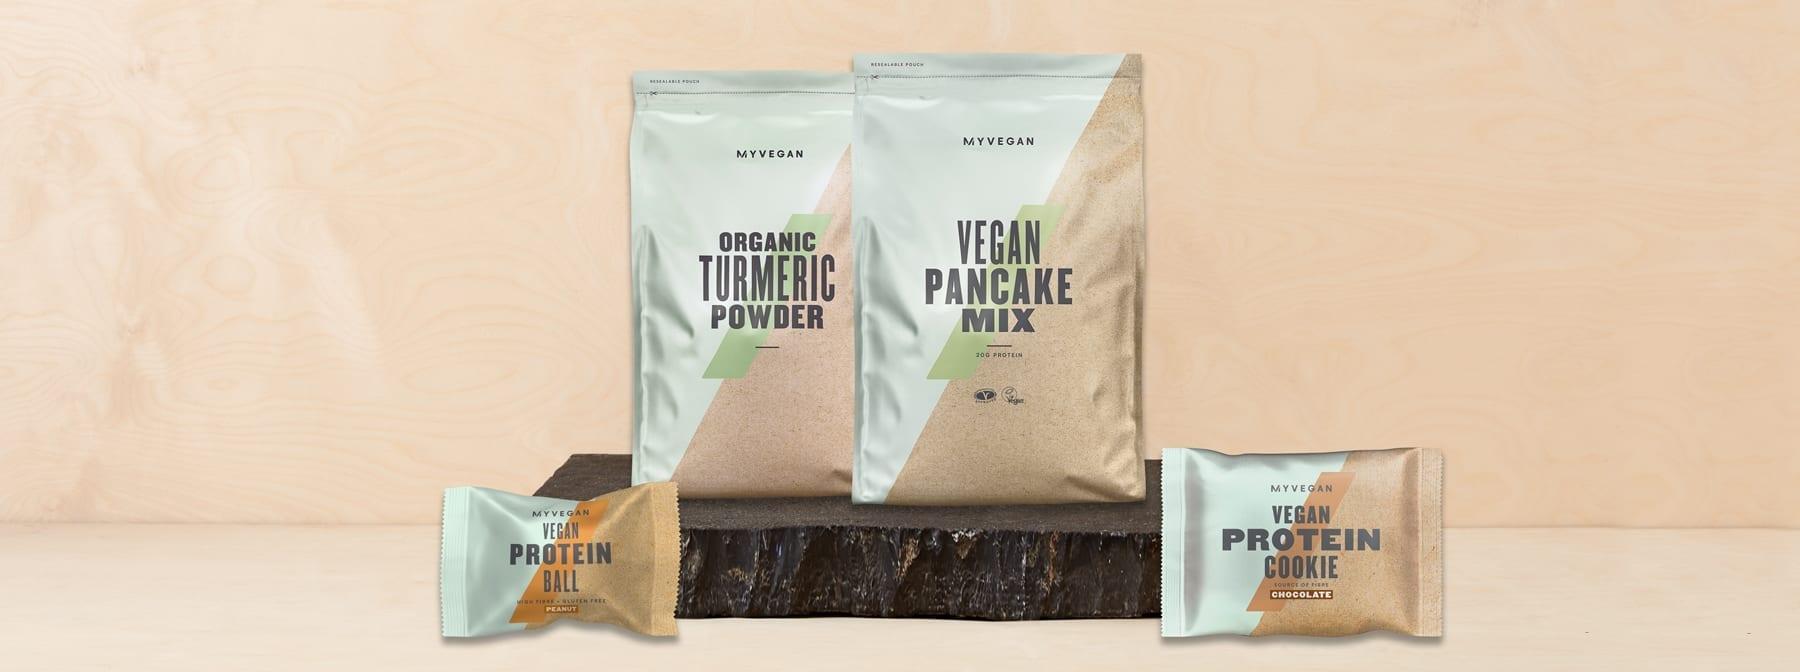 NOURISH – Ich NÄHRE meinen Körper | 4 pflanzliche Supplemente zur Anreicherung deiner Ernährung